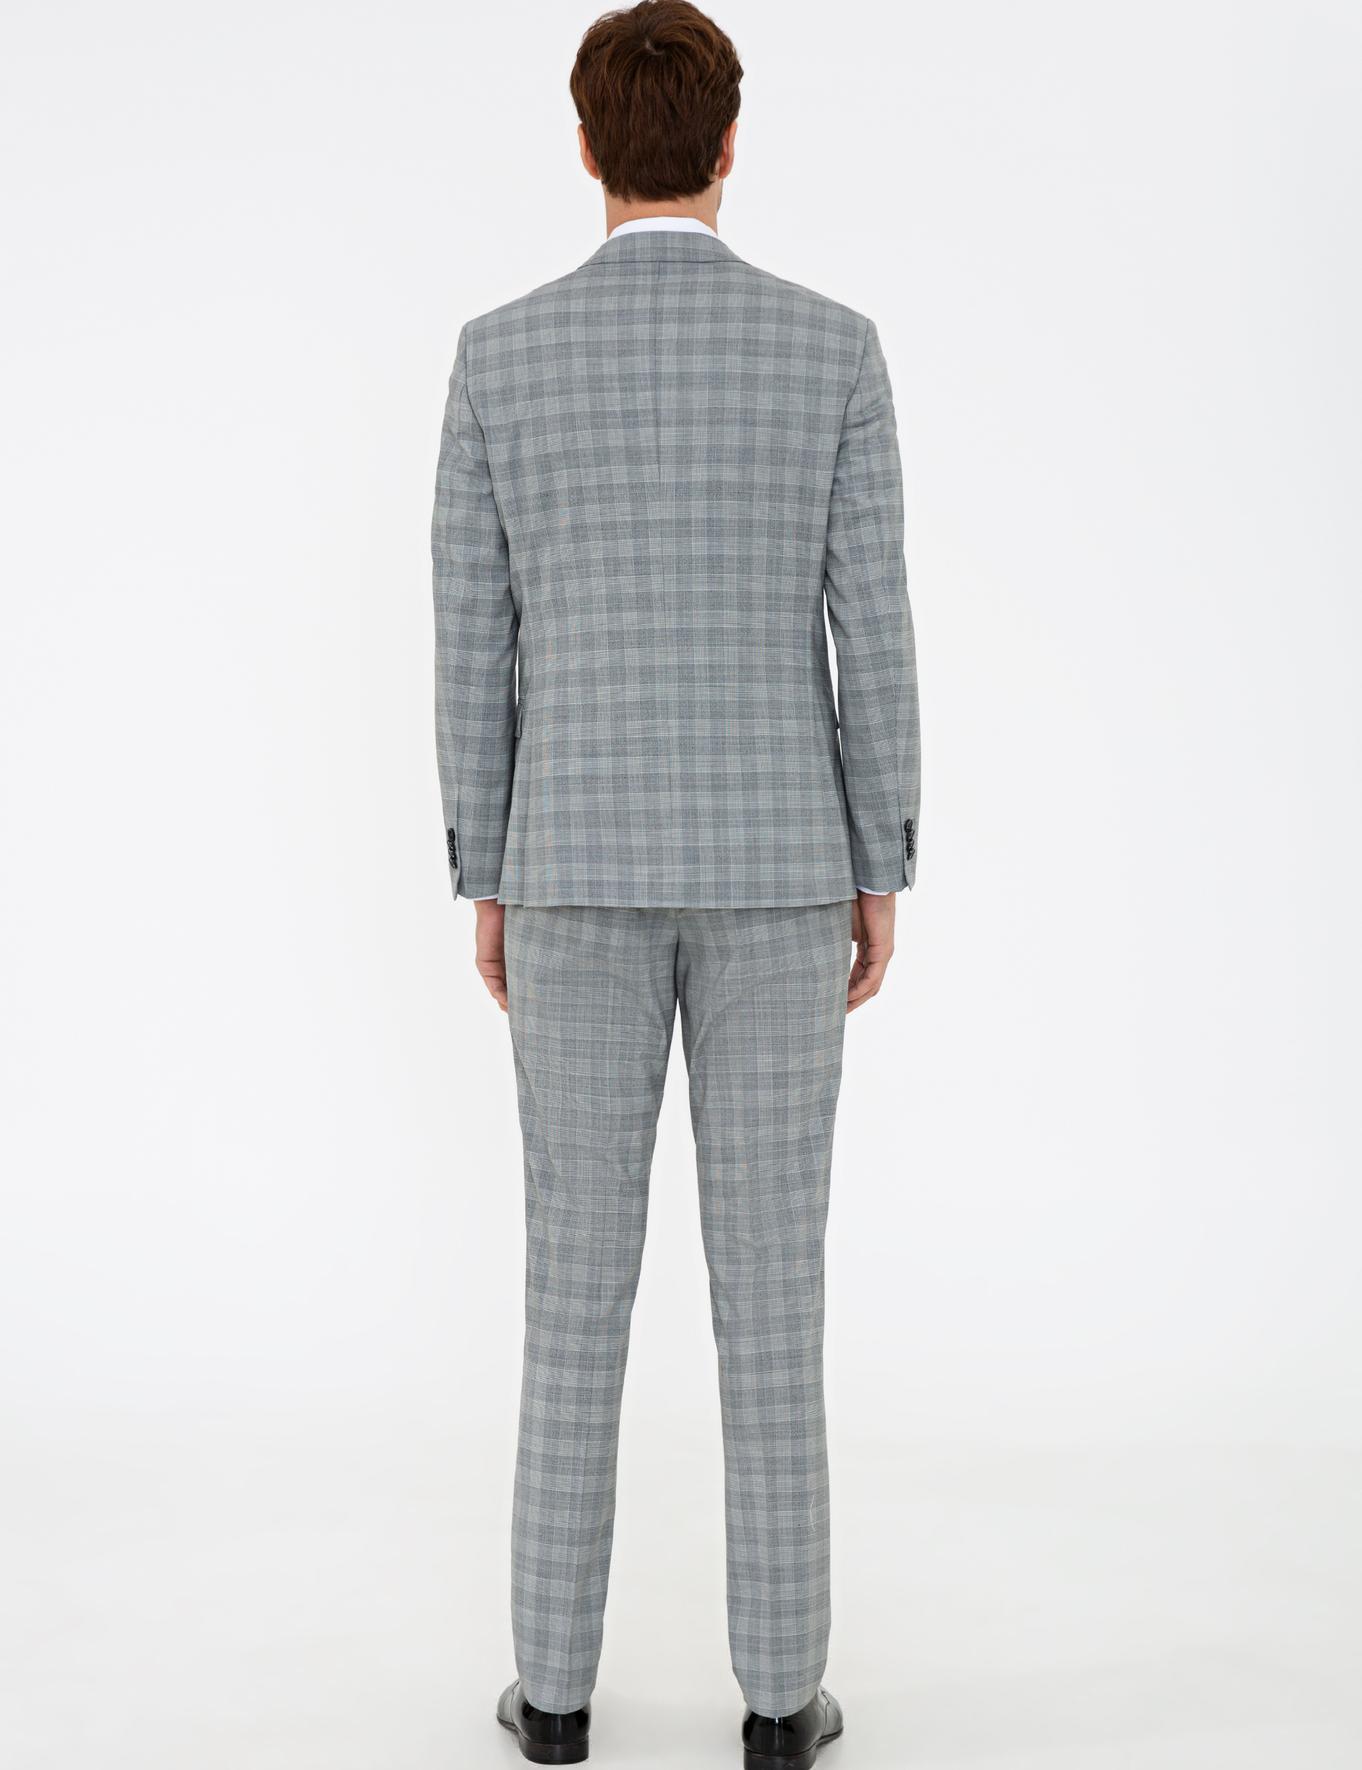 Gri Slim Fit Takım Elbise - 50238008017